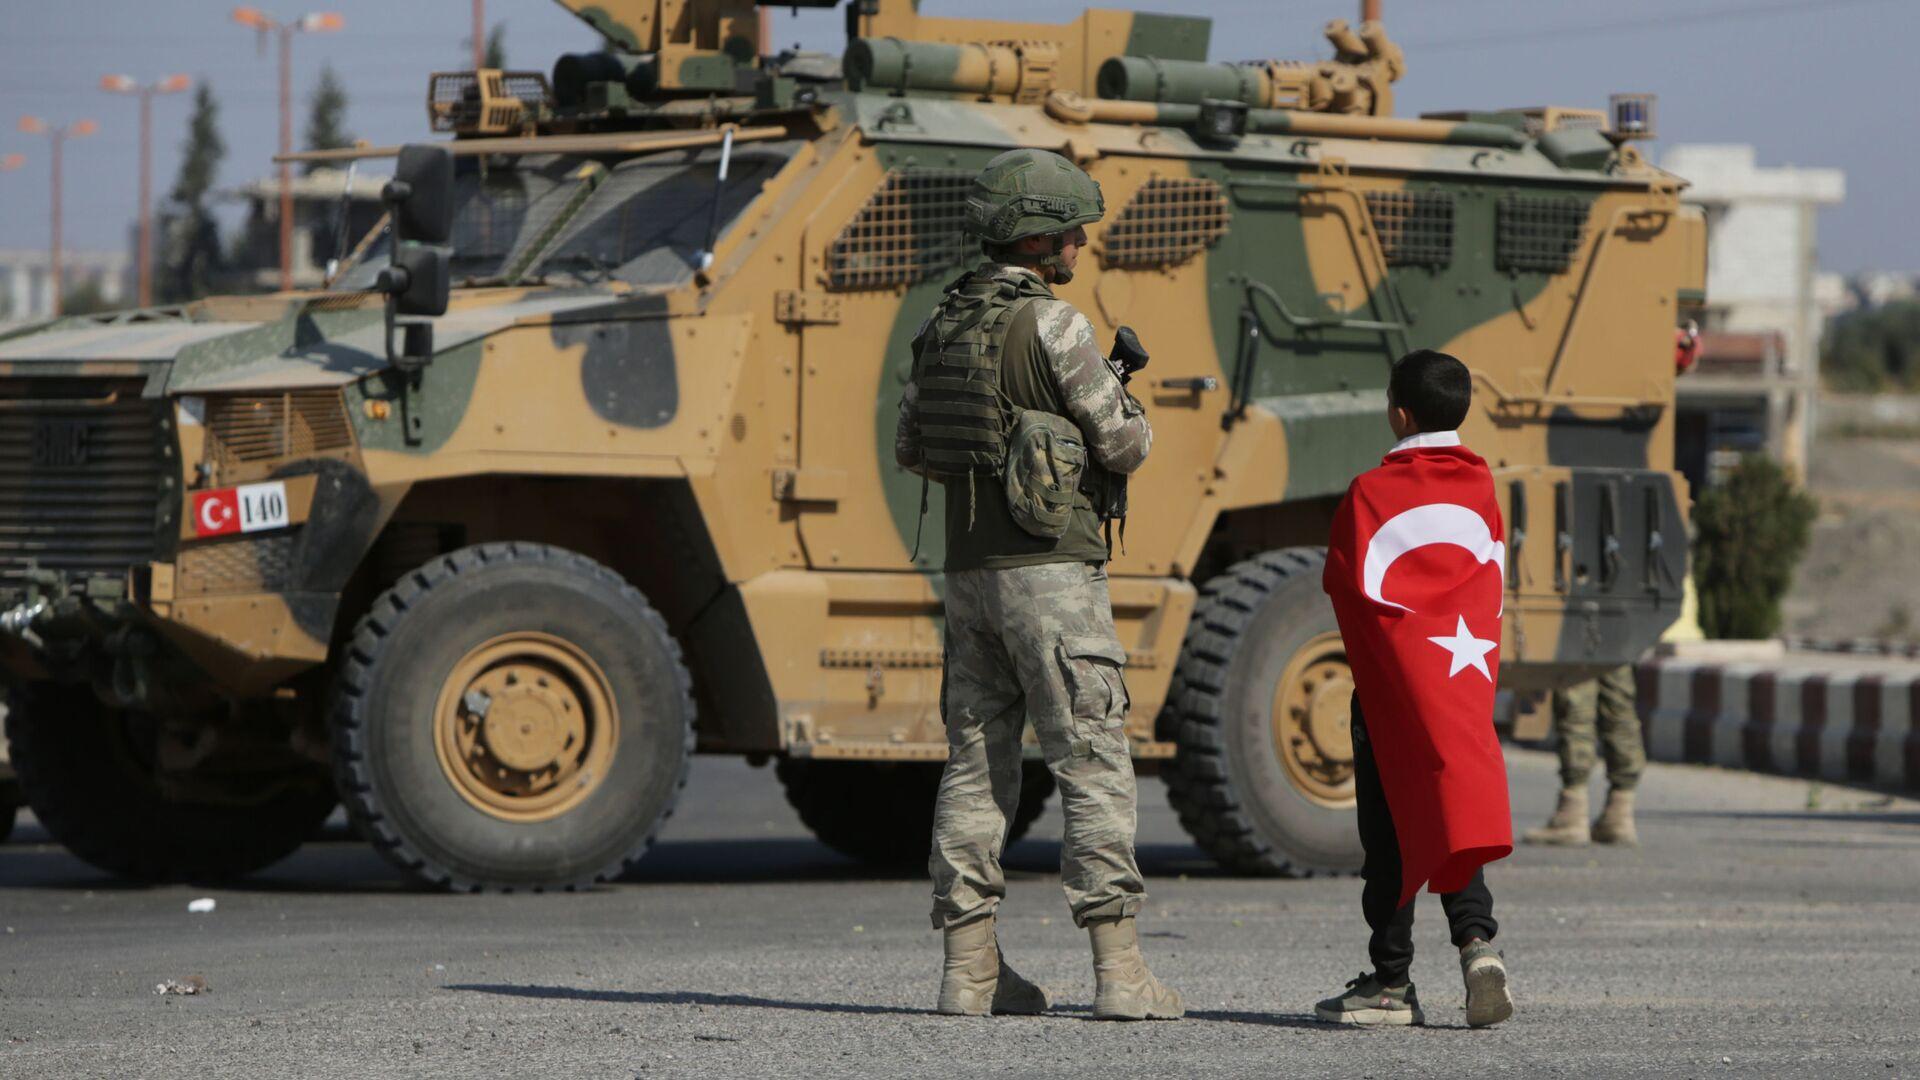 Περιπολίες της Τουρκίας κοντά στα σύνορα με τη Συρία.  - Sputnik Ελλάδα, 1920, 23.09.2021